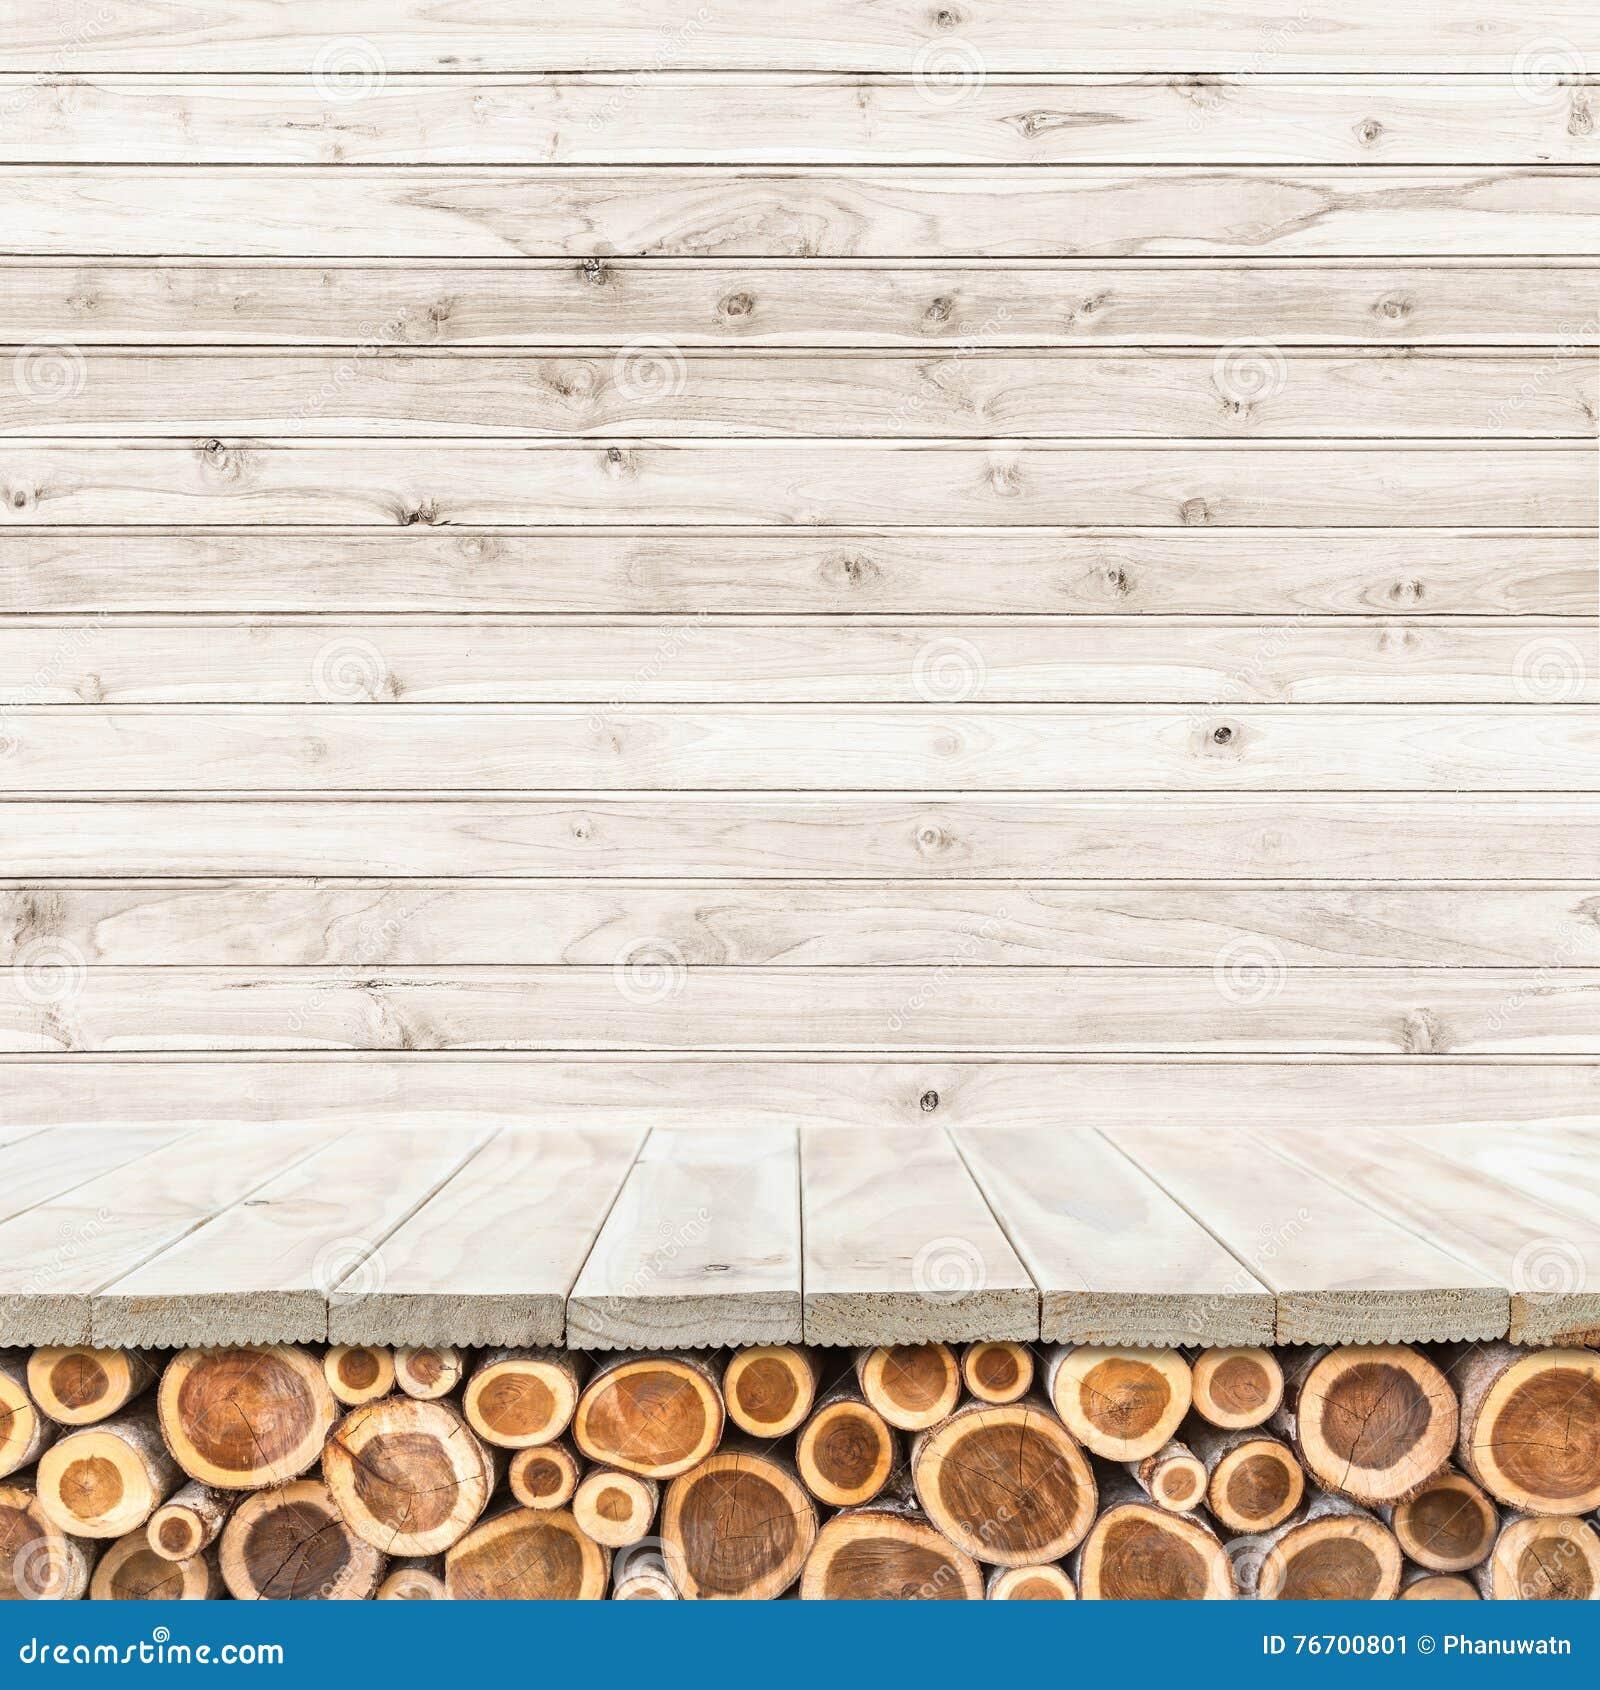 Κενή κορυφή του ξύλινου πίνακα ή του μετρητή στο ξύλινο υπόβαθρο